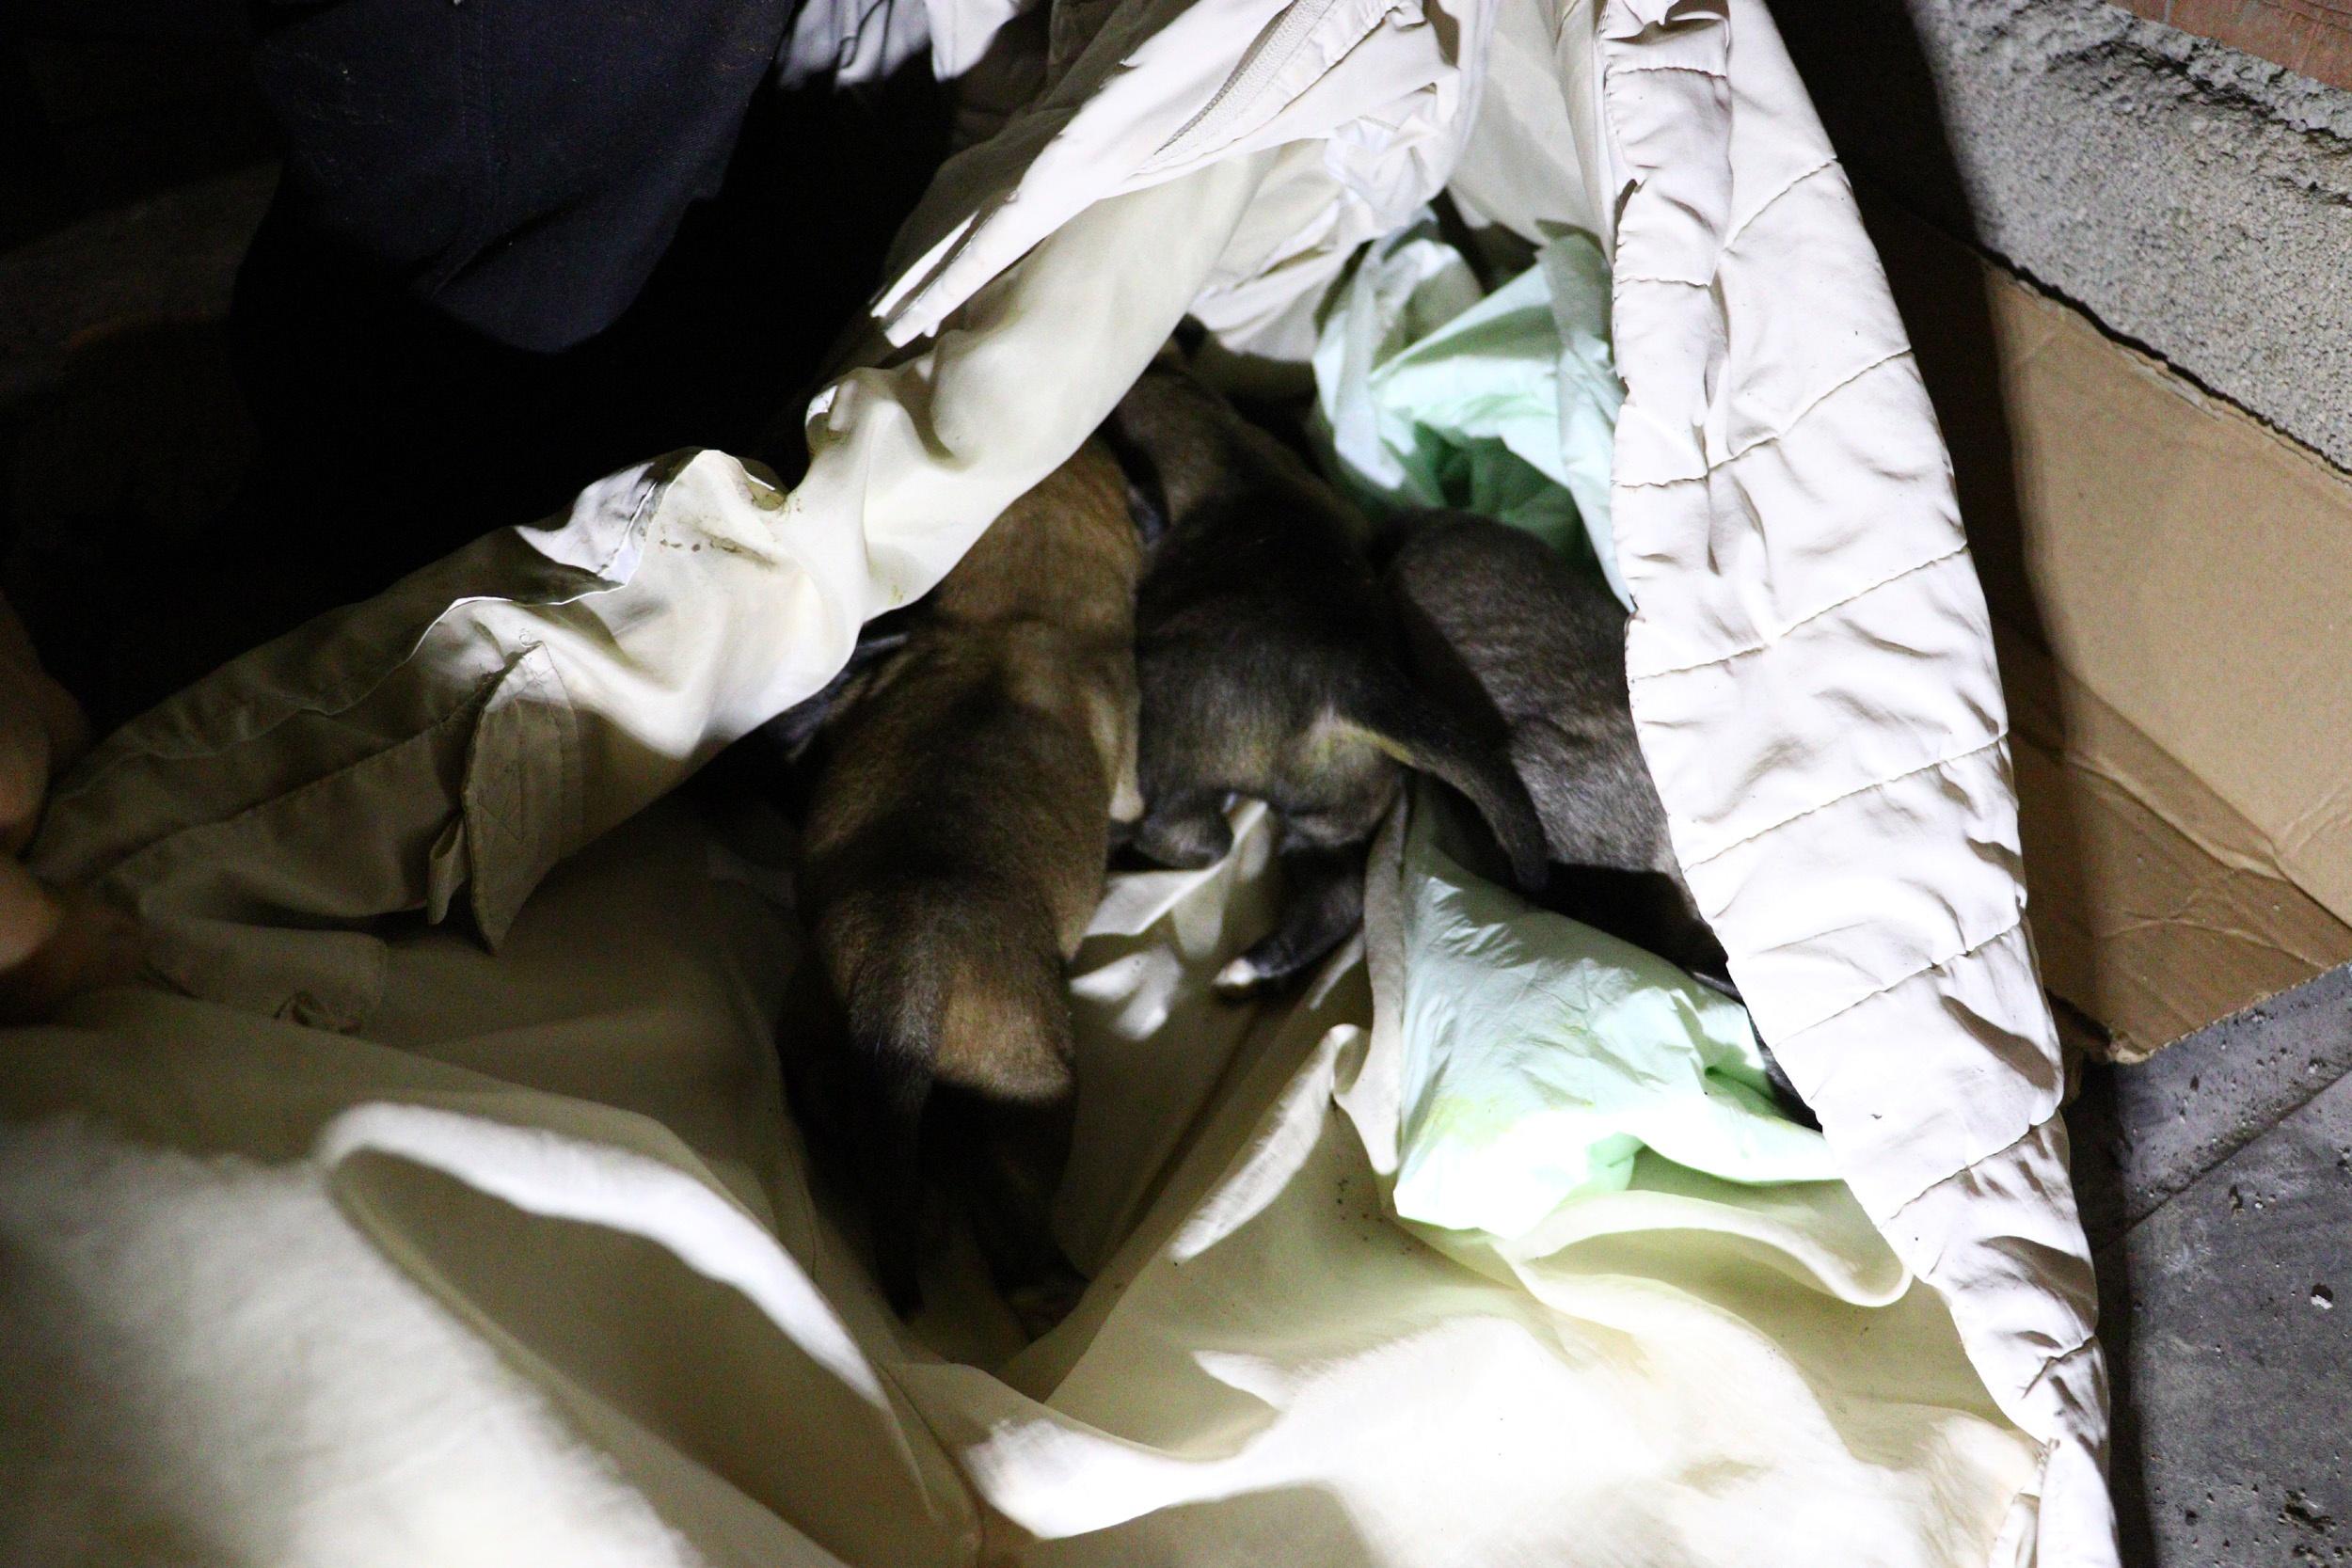 6 sokak köpeği zehirlenerek öldürüldü: Yasa için neyi bekliyorlar?